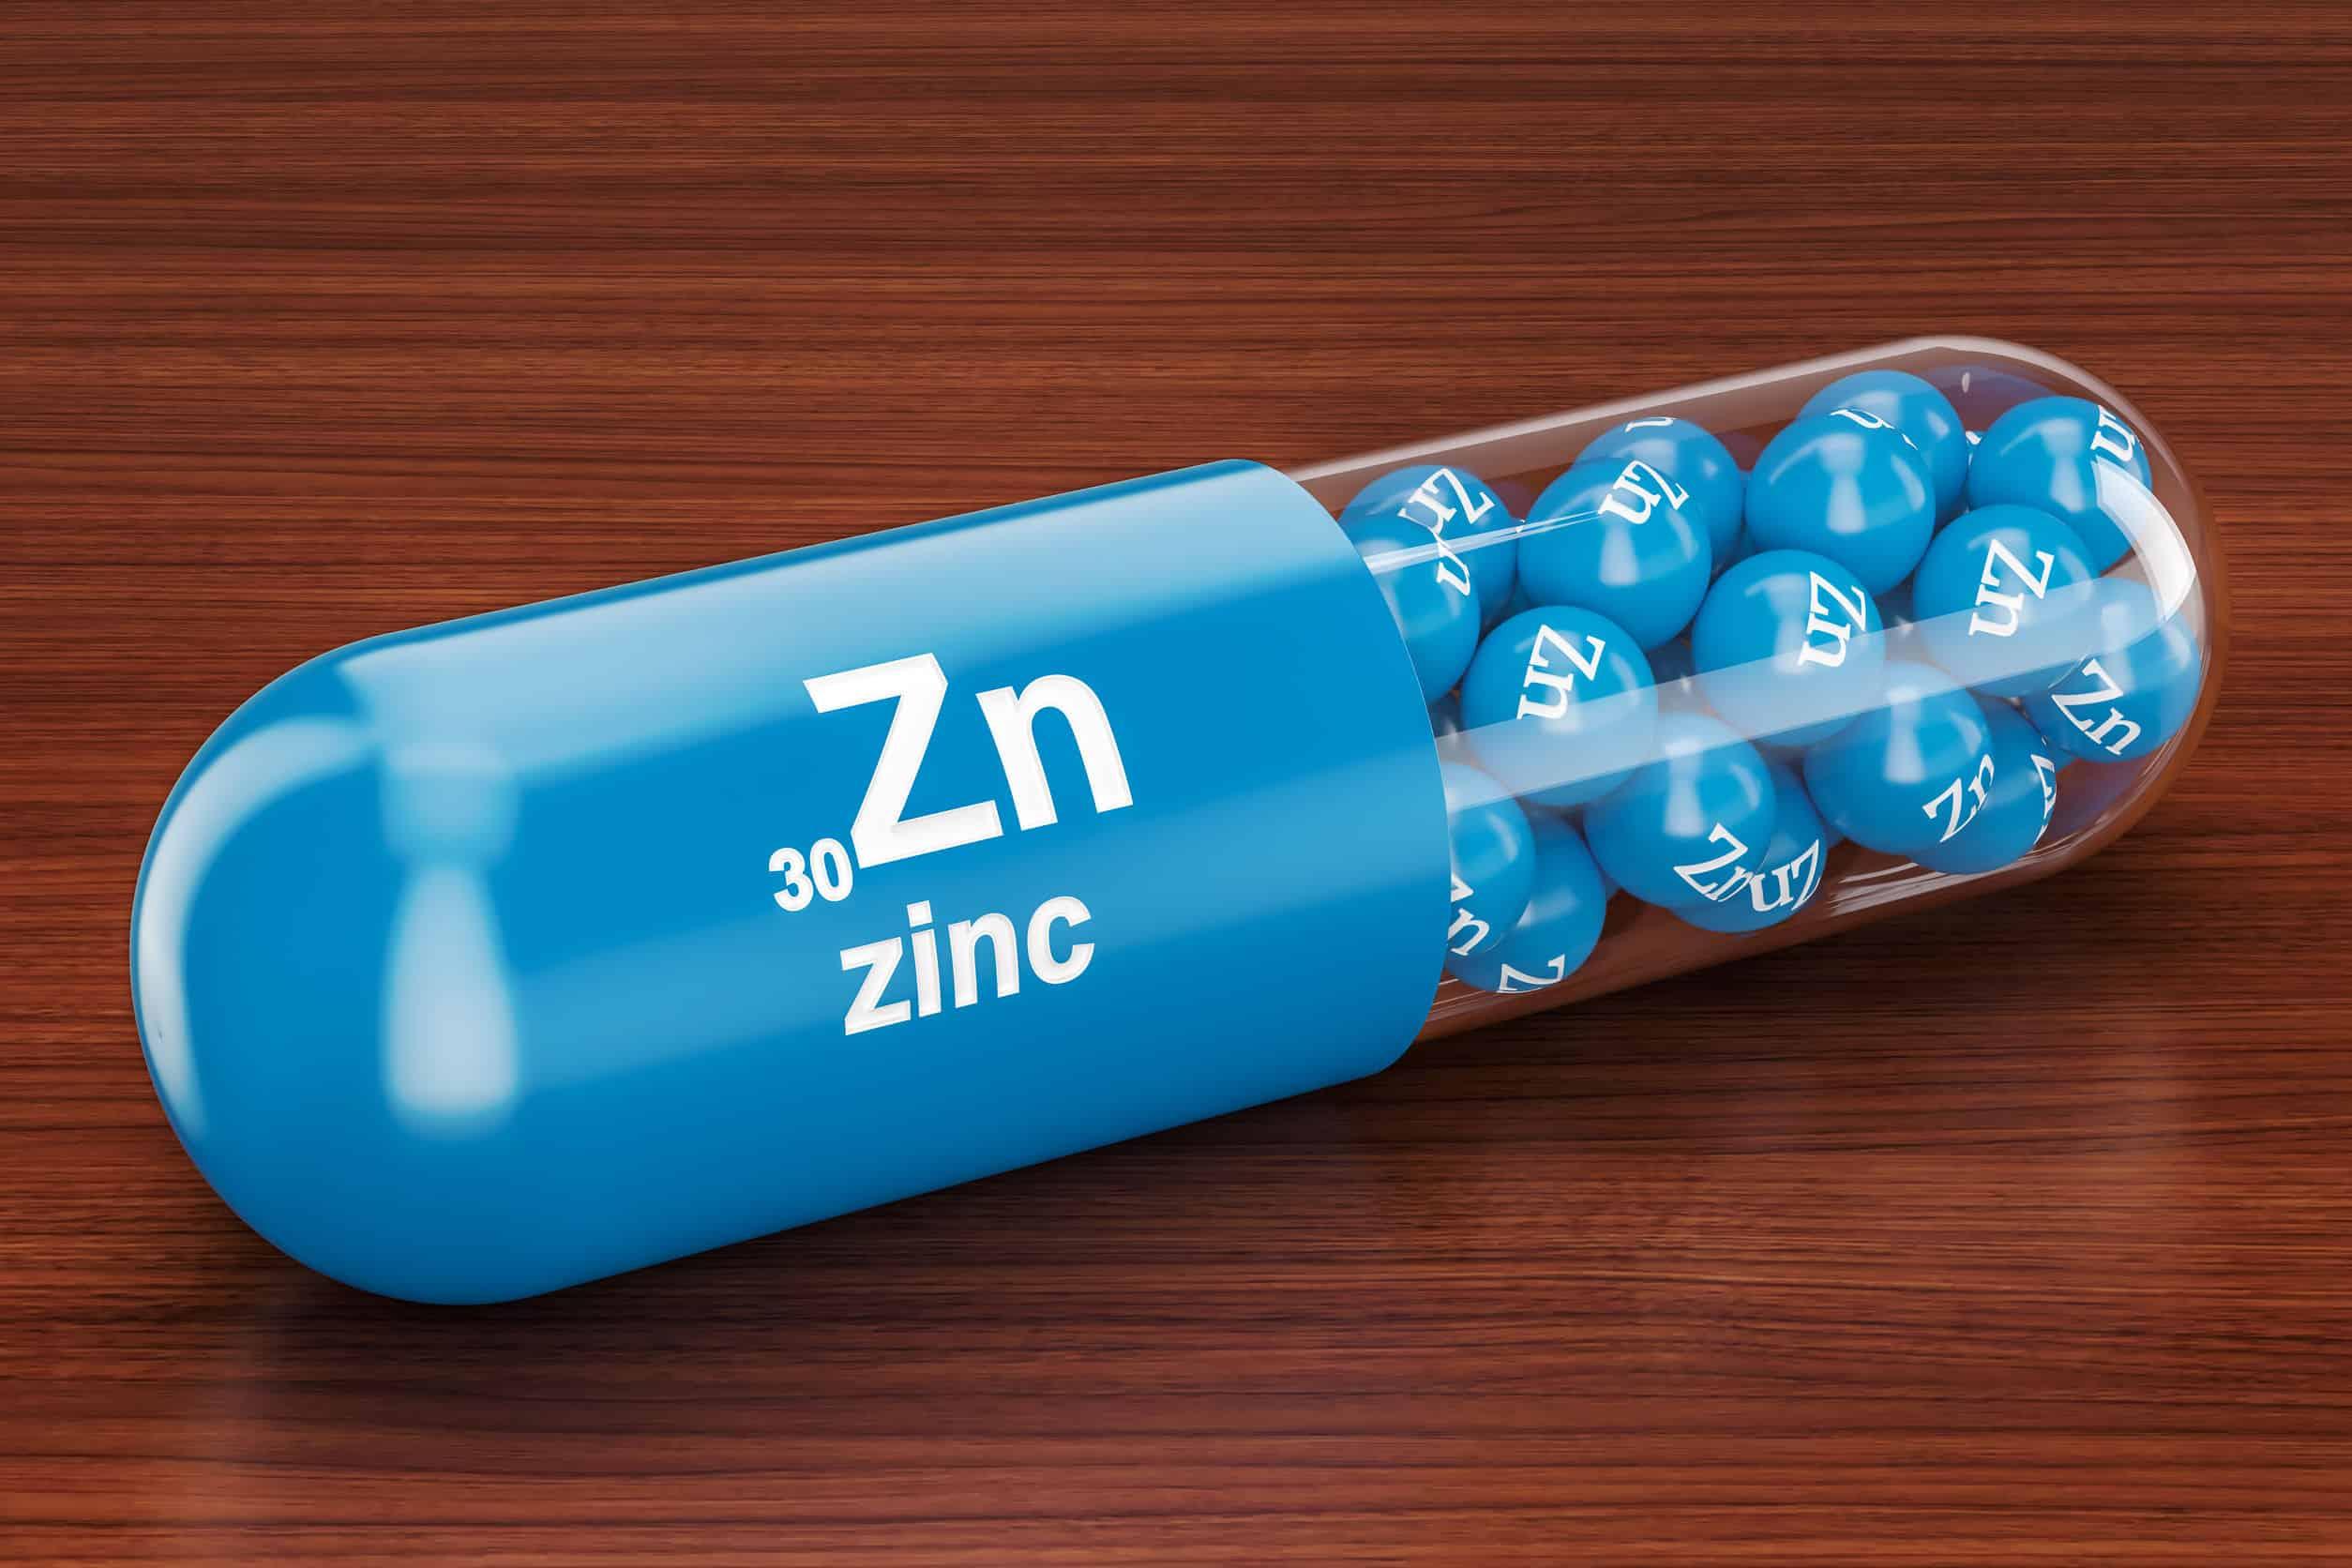 Cápsula com o símbolo Zn, de zinco.